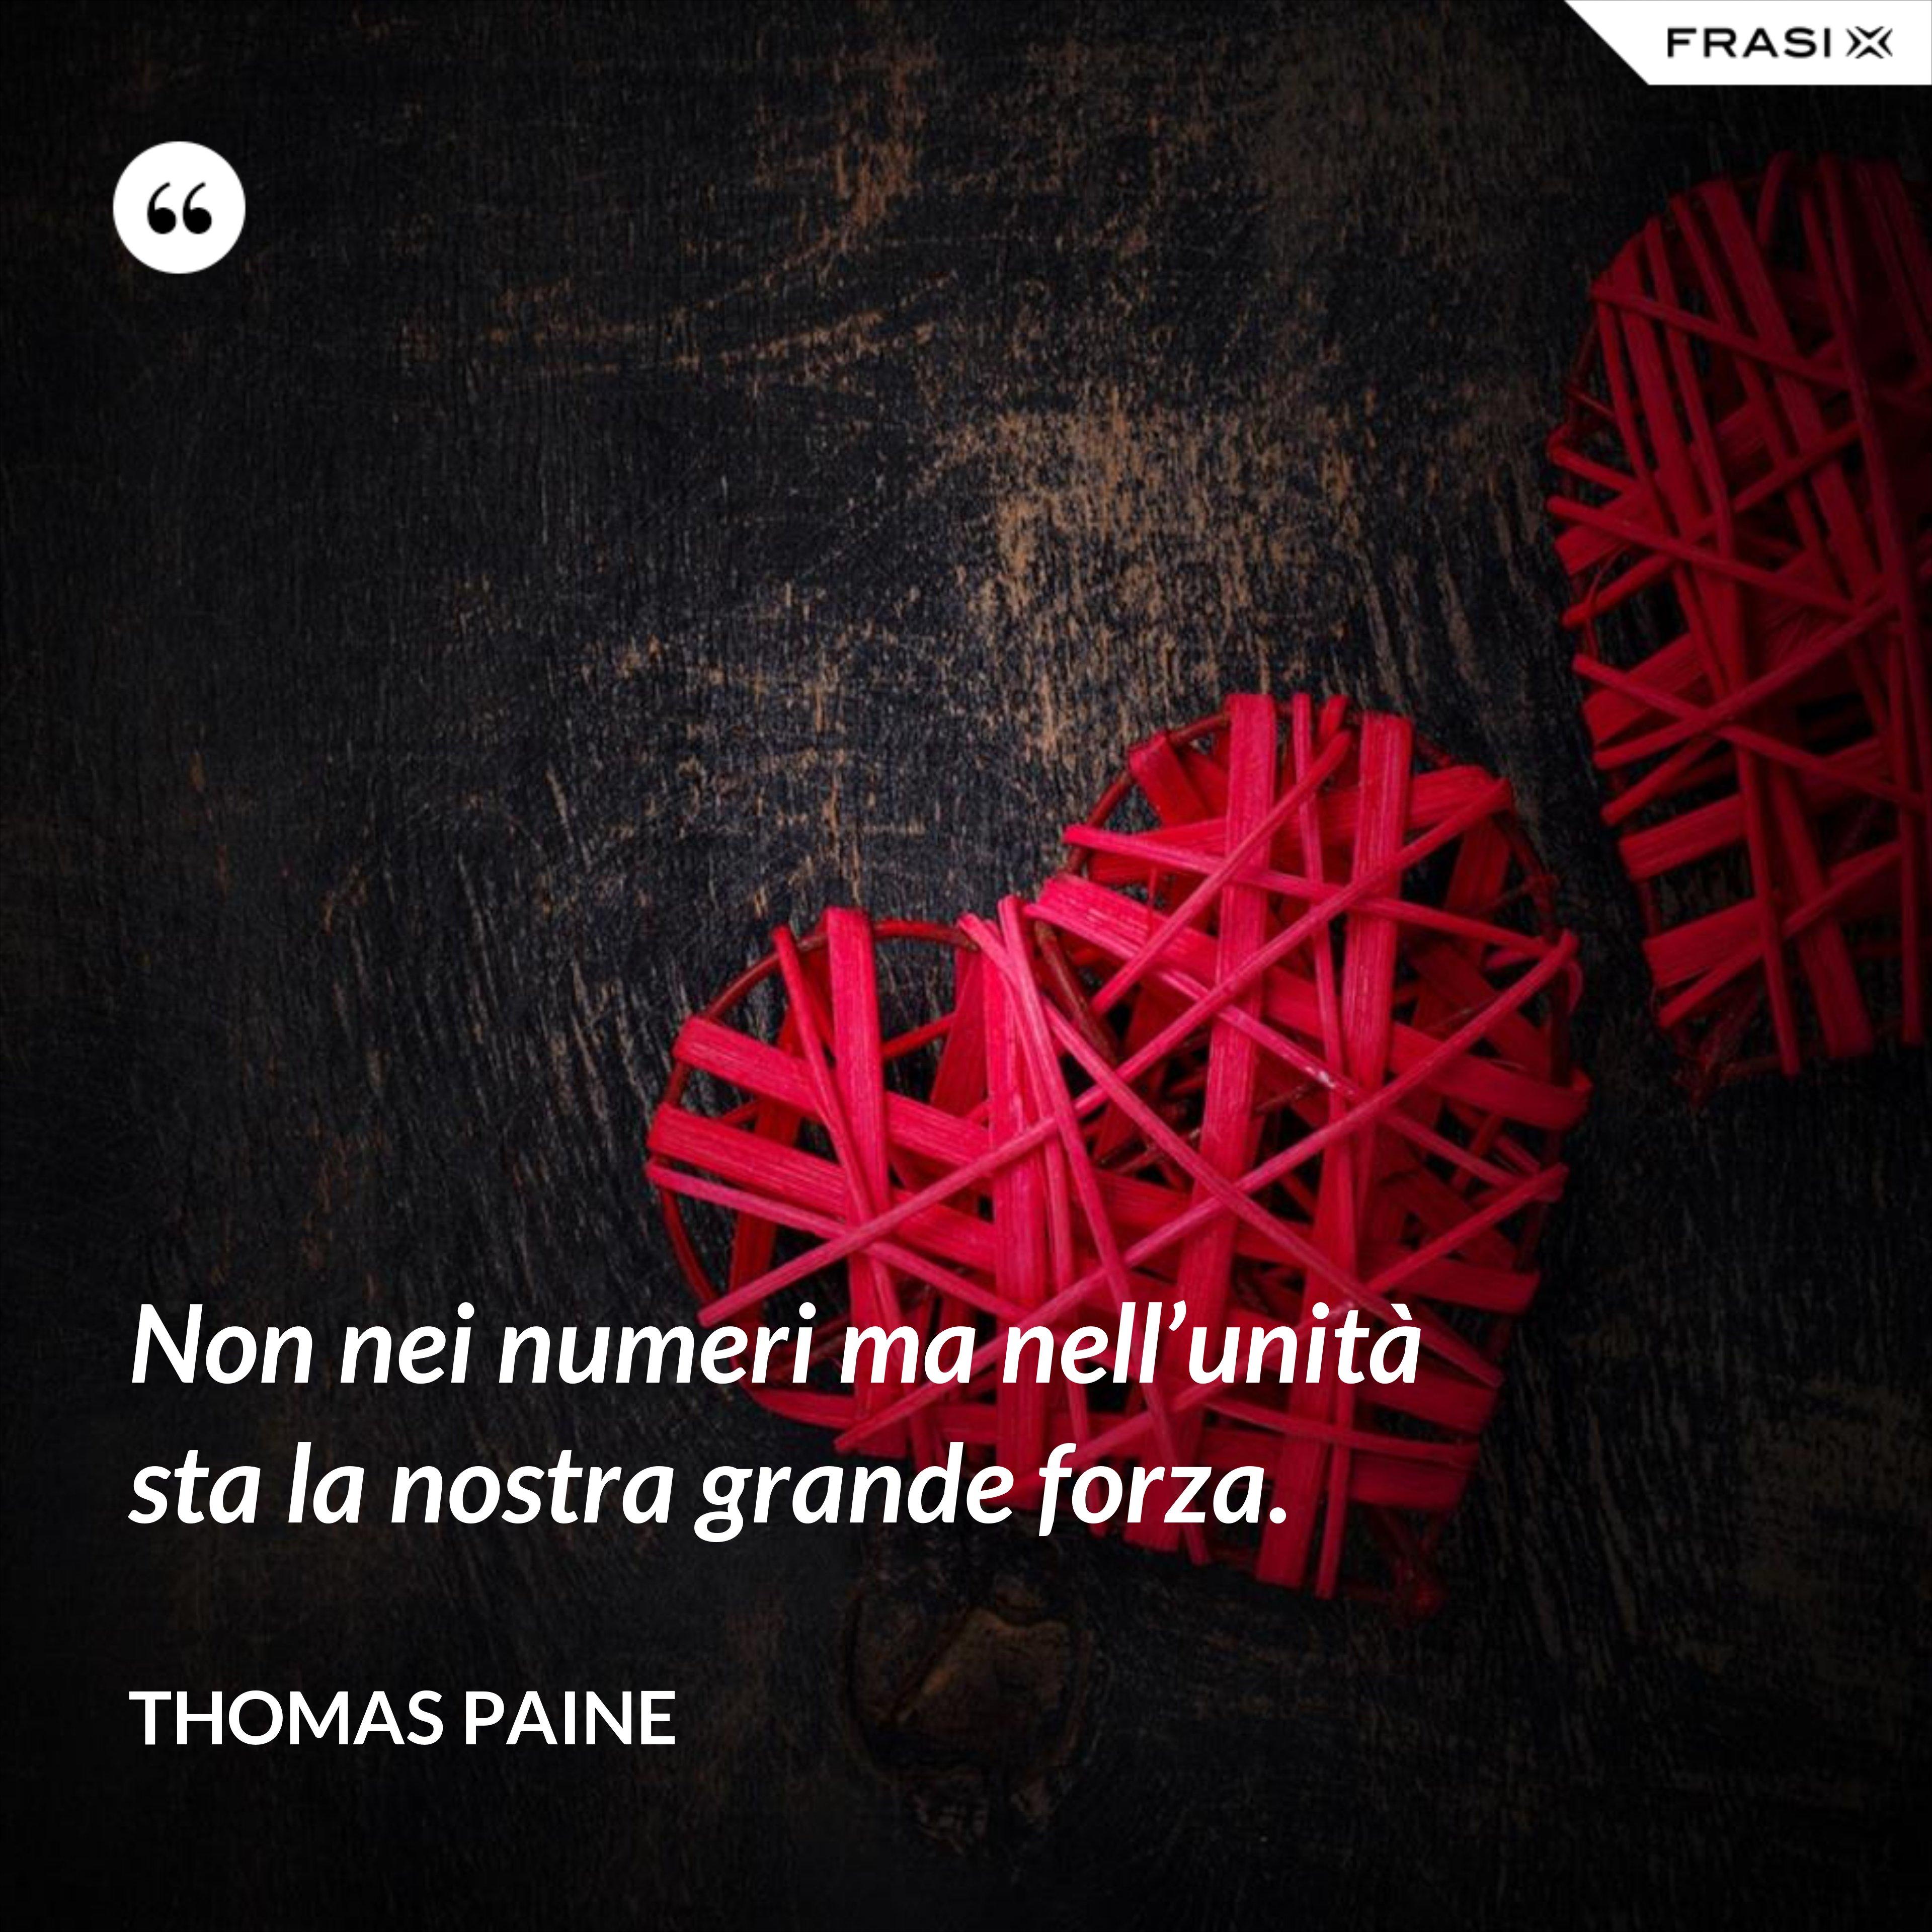 Non nei numeri ma nell'unità sta la nostra grande forza. - Thomas Paine